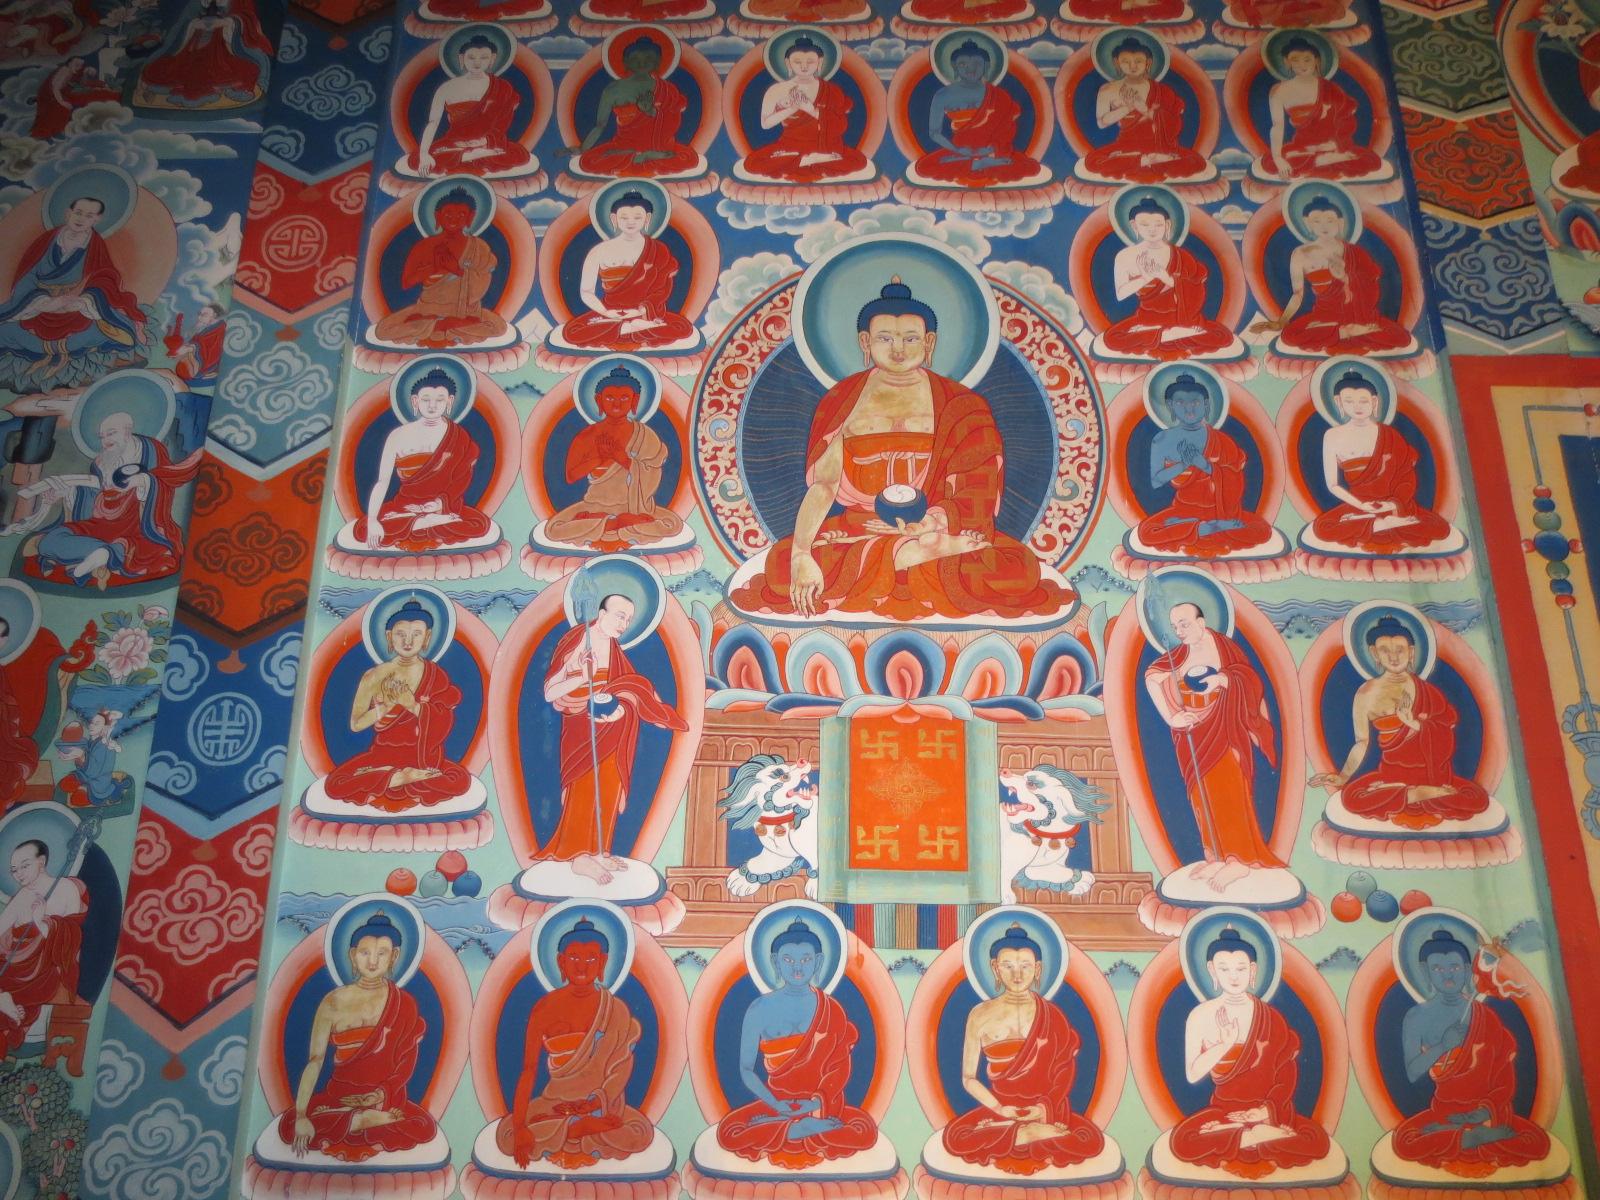 ネパール仏教寺院の曼荼羅壁画